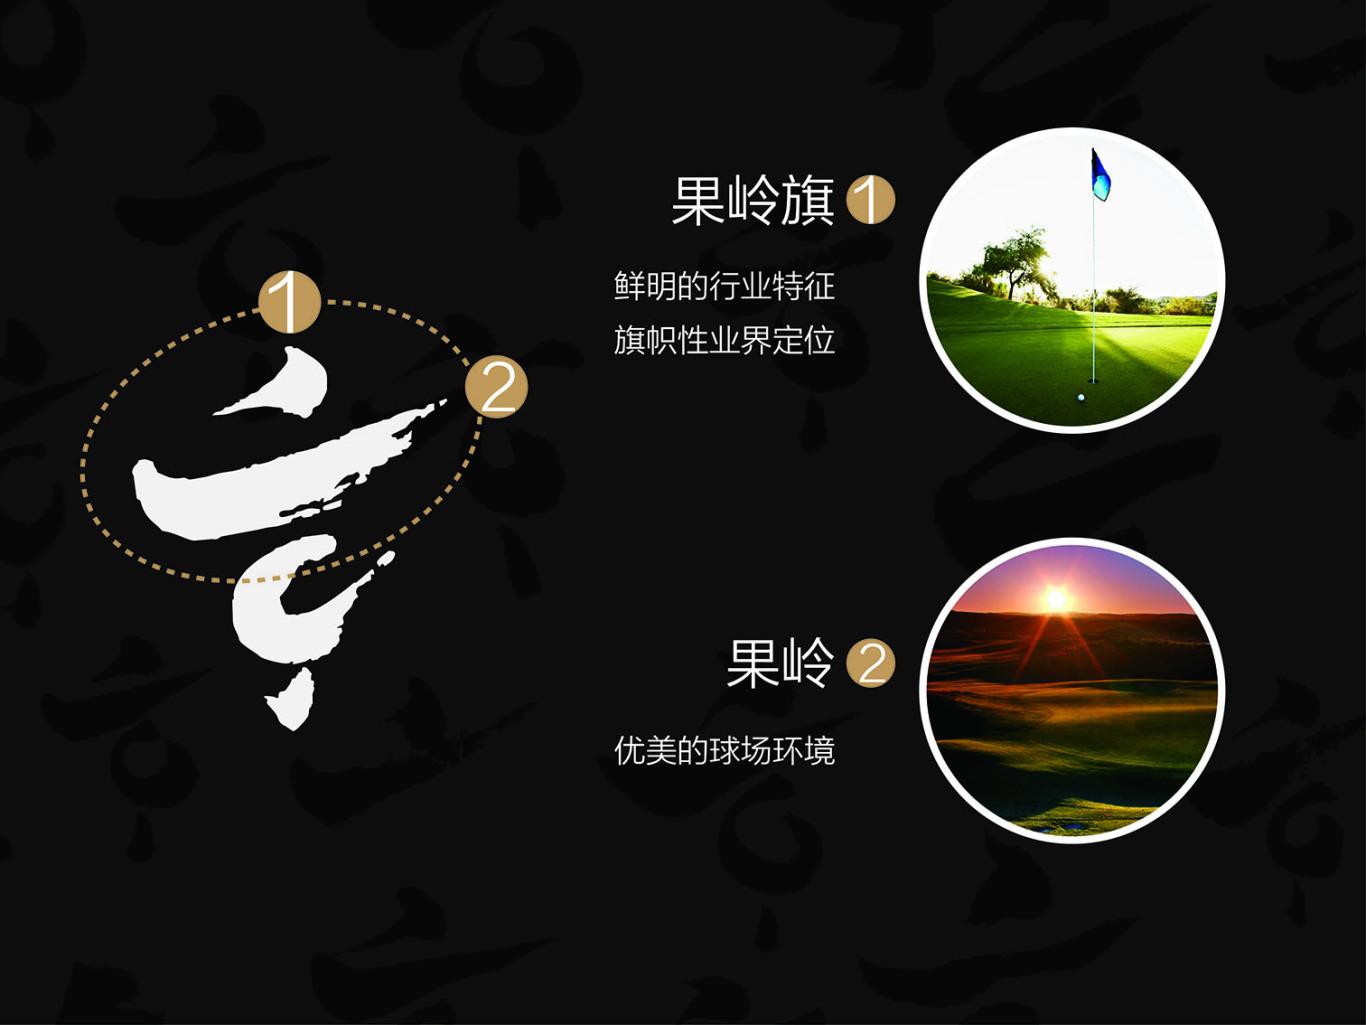 北京大兴京城高尔夫俱乐部LOGO设计图3